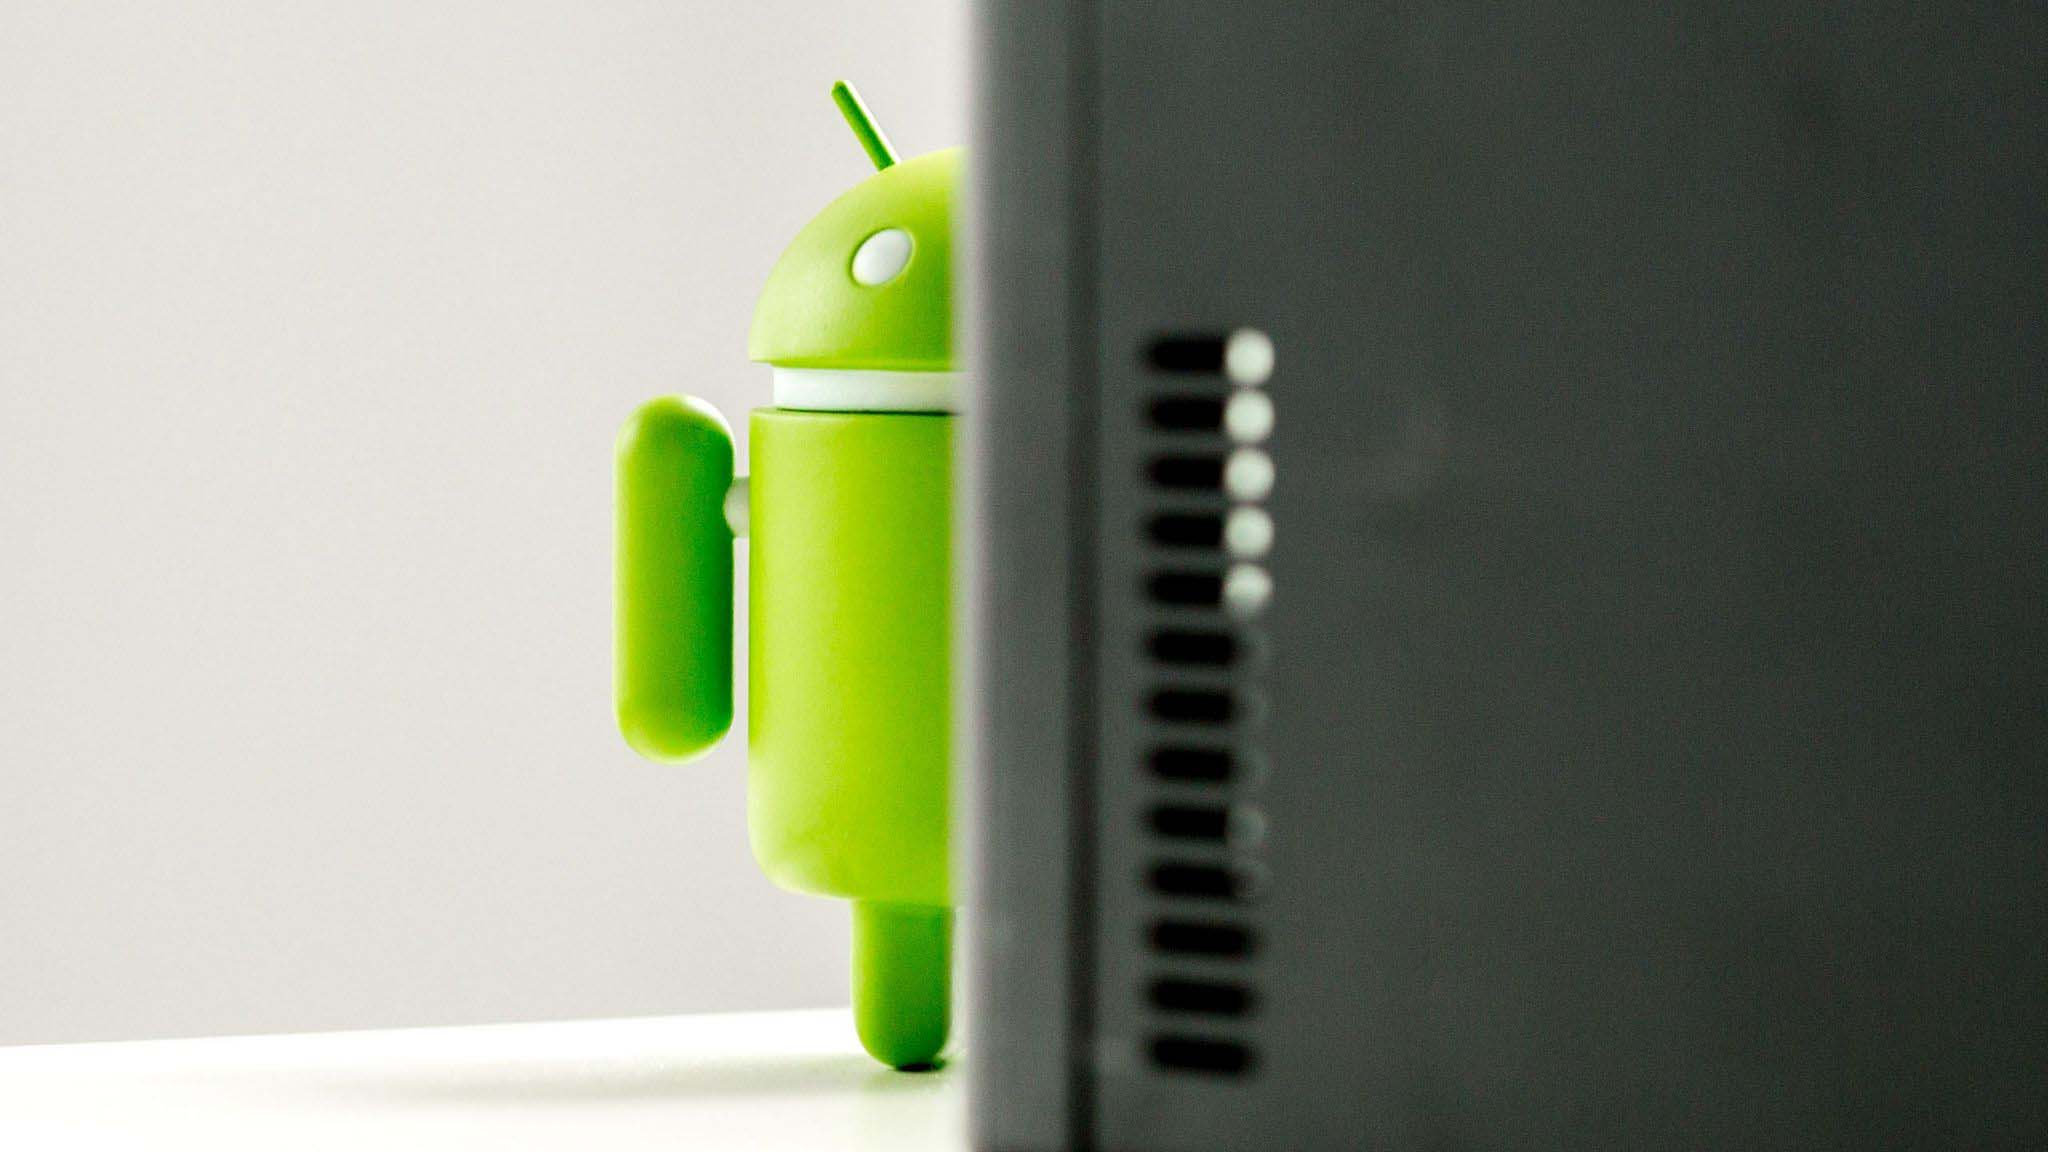 Nascondere dalla galleria un album di foto e video (Android)